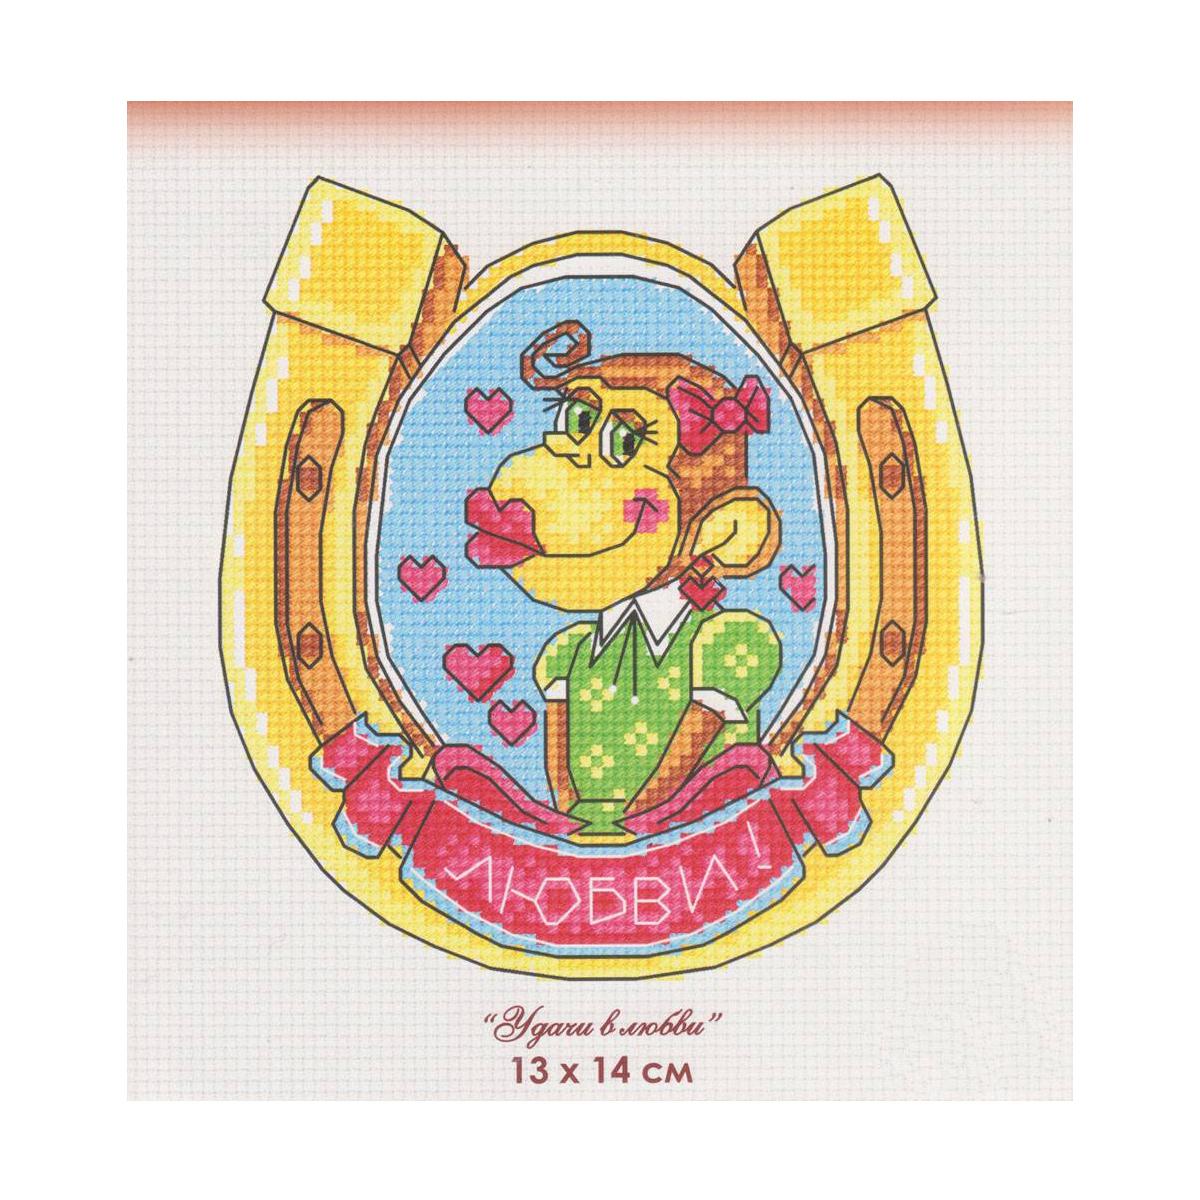 Набор для вышивания крестом Овен Удачи в любви, 13 х 14 см581973Наборы для вышивания Овен - это яркие и красочные мотивы, работа над которыми принесет вам удовольствие. В состав набора для вышивания Удачи в любви входит: канва Аида № 14, нитки мулине - 10 цветов, игла, цветная схема.